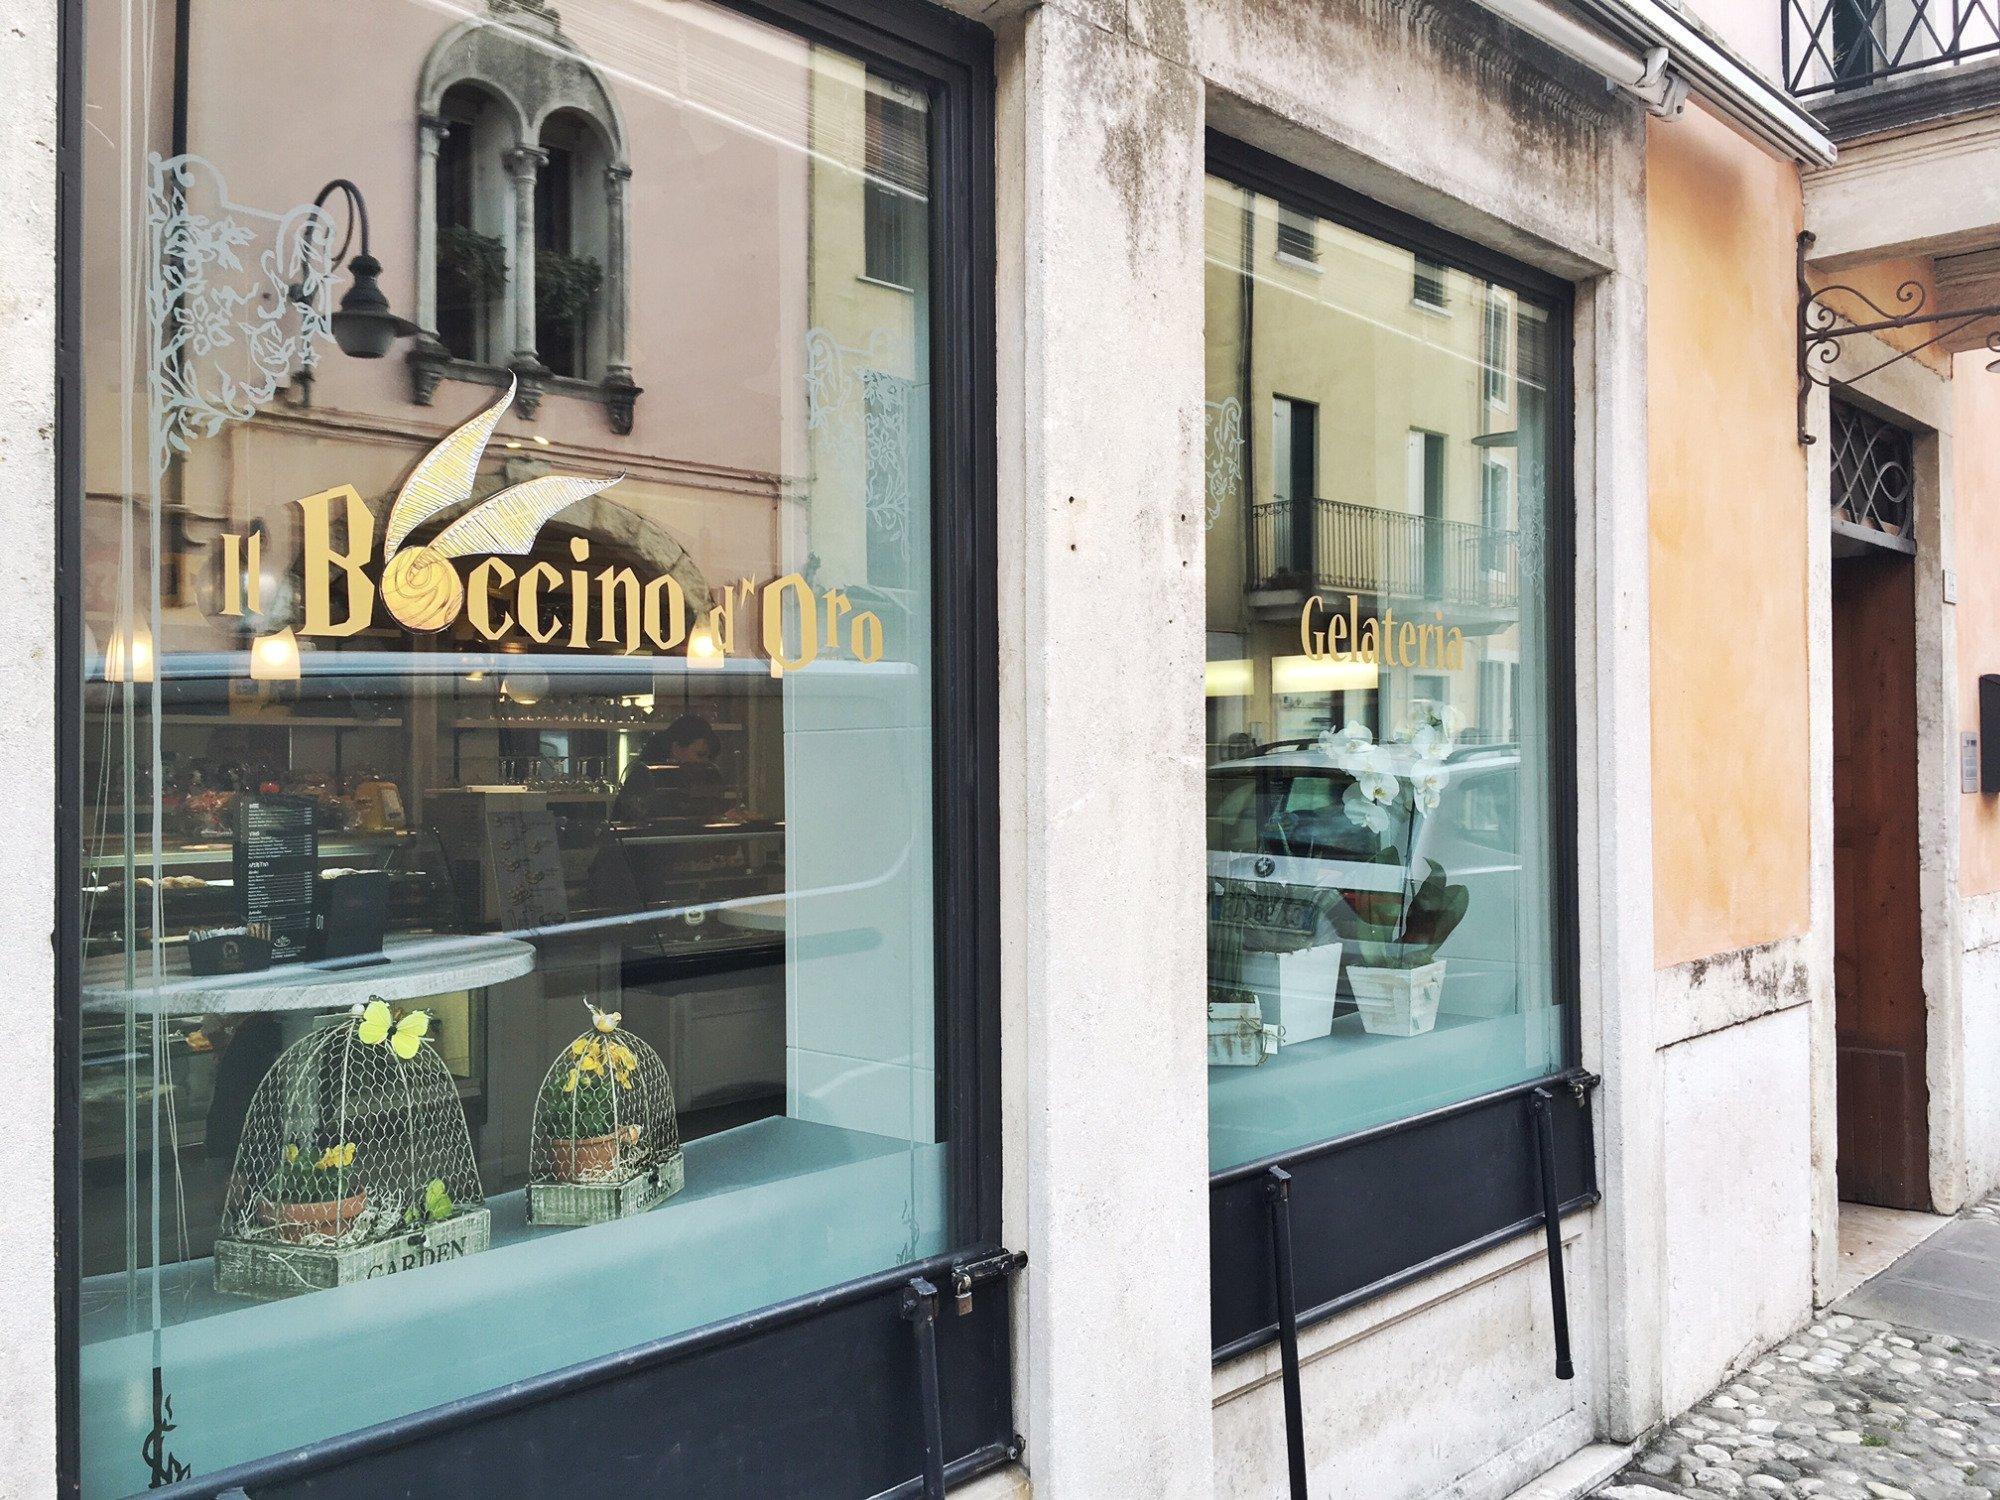 Pasticceria Gelateria Il Boccino D'oro, Montebello Vicentino